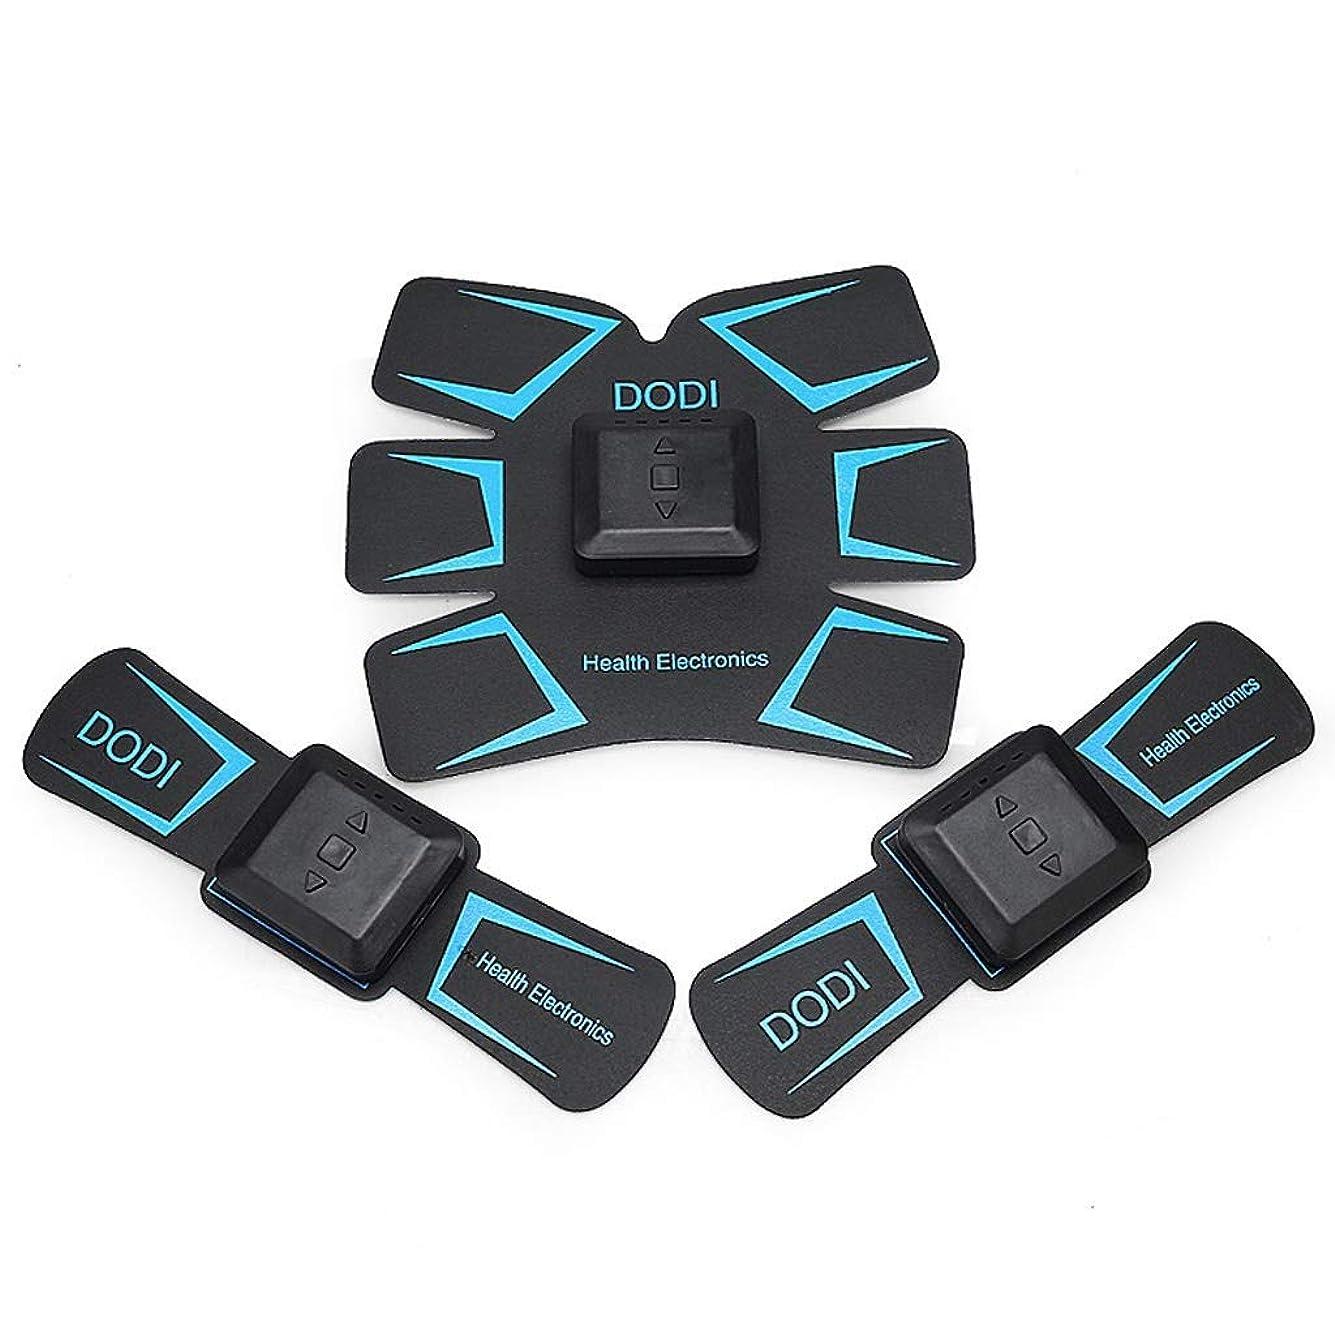 ラケットジャケットロールABSトレーナーEMS筋肉刺激装置付き - USB充電式究極腹部刺激装置付きリズム&ソフトインパルス - ポータブルマッスルトナー (Color : Blue)